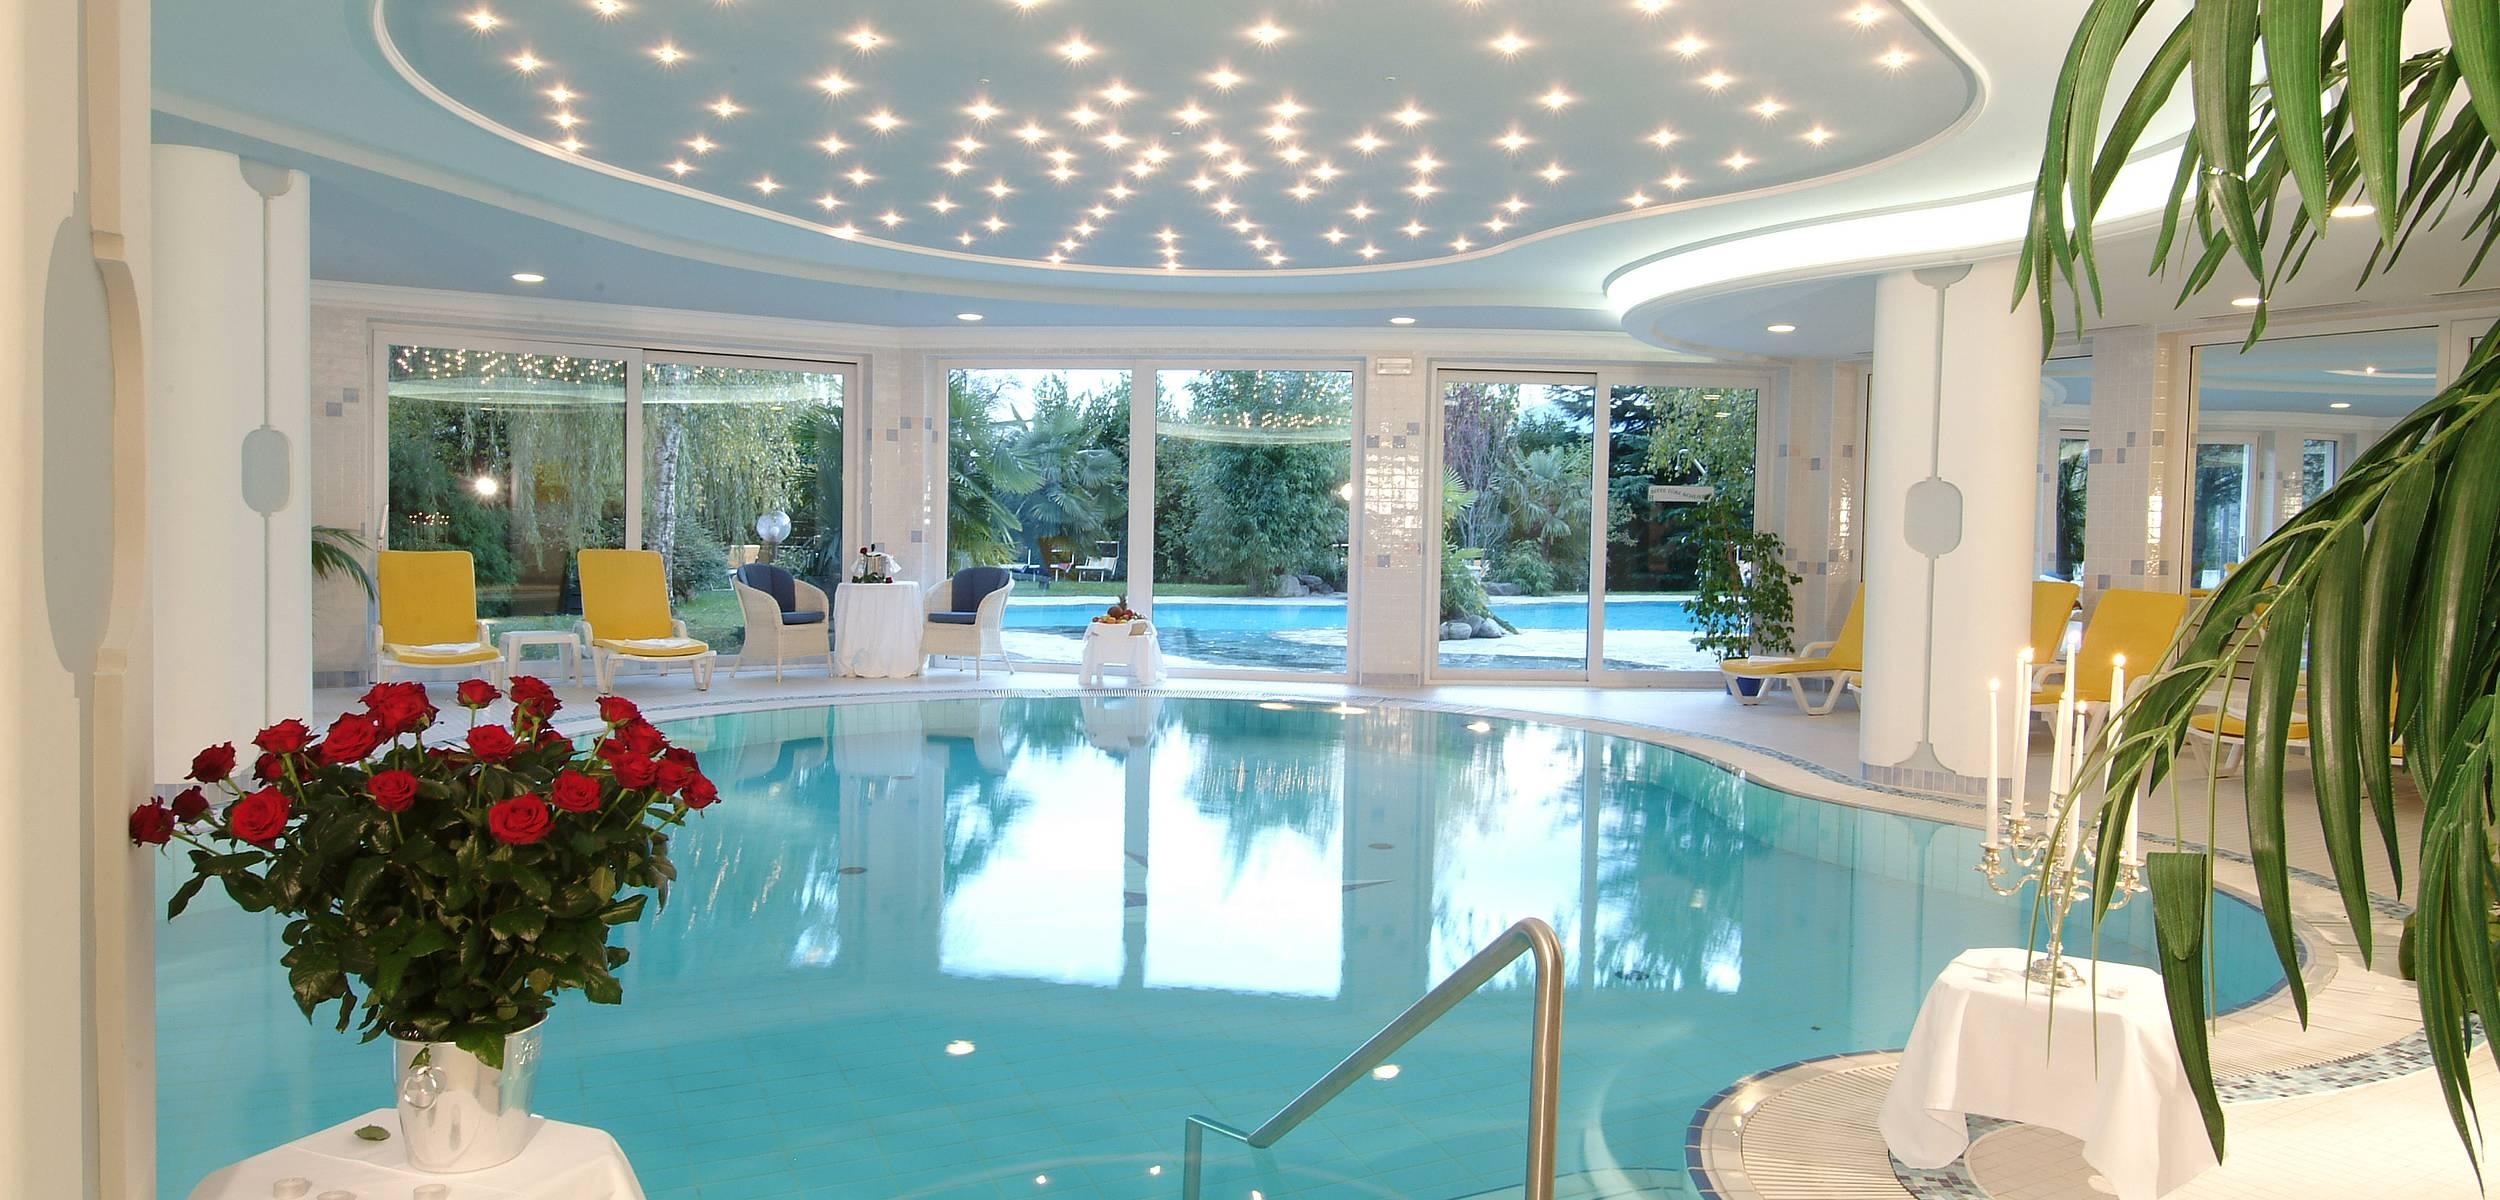 Hotel con piscina tirolo vicino a merano - Hotel con piscina verona ...